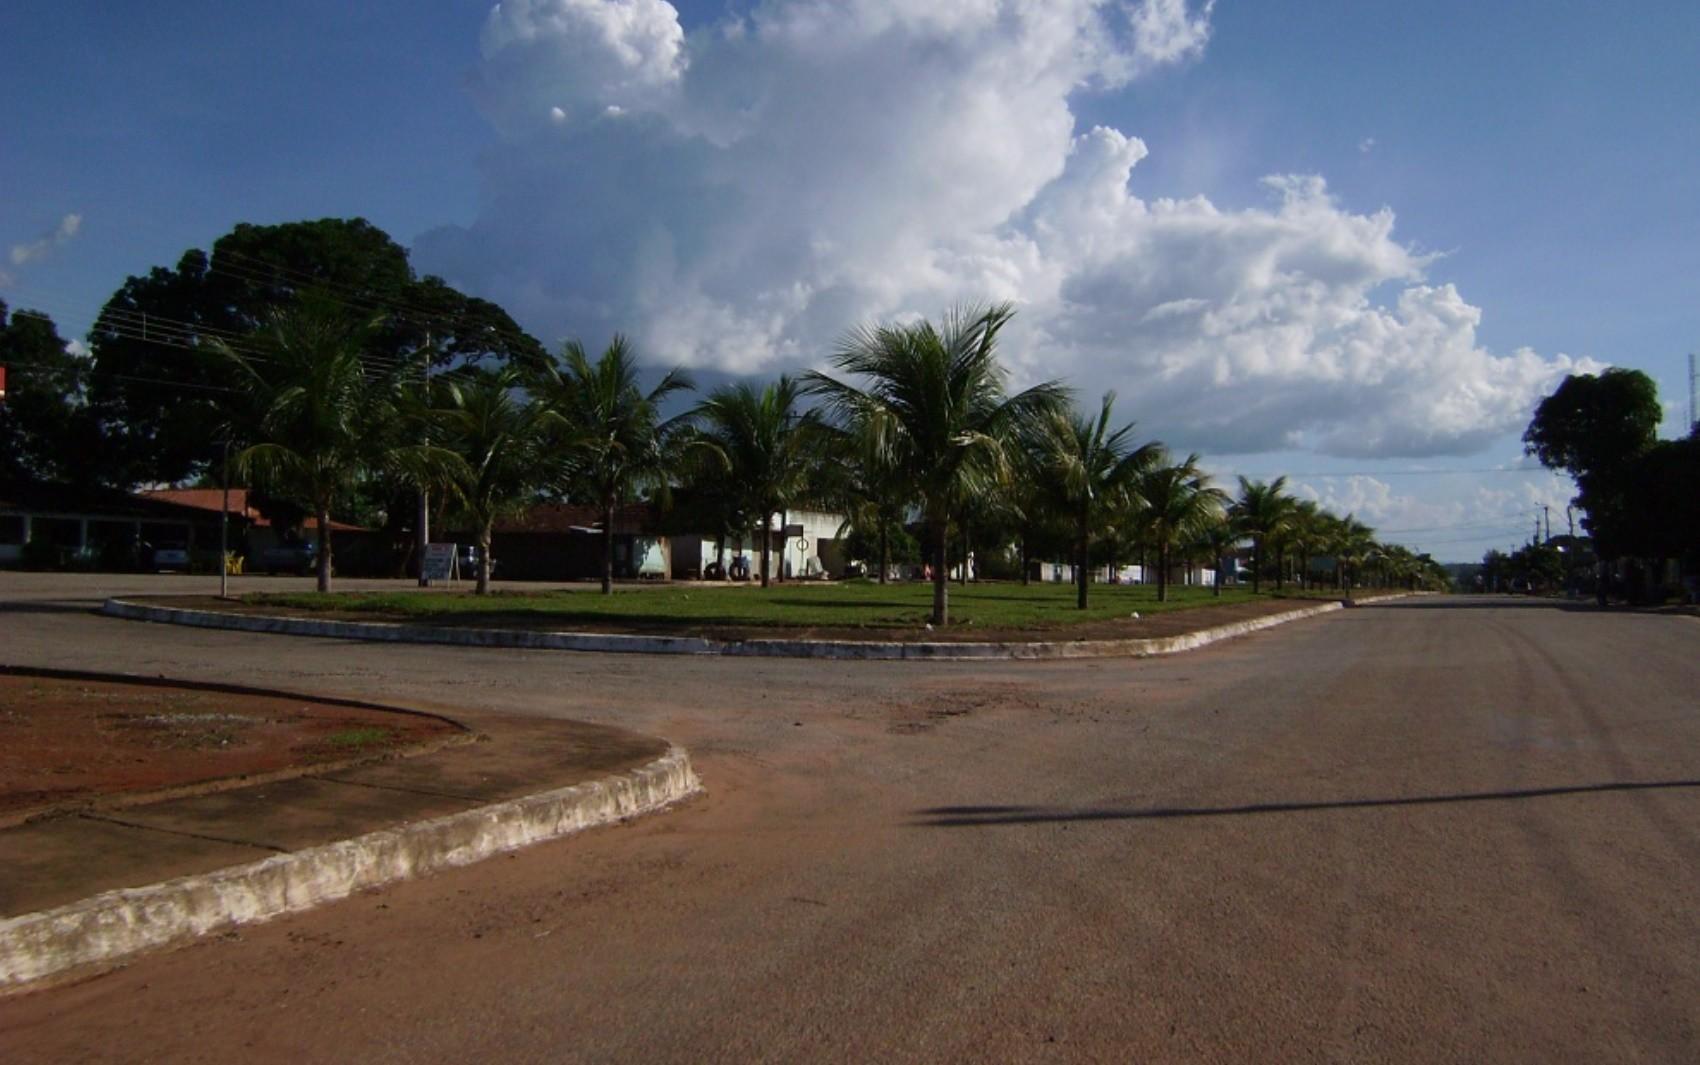 Moradores relatam que sentiram tremor de terra em Montividiu do Norte: 'Ficamos apreensivos'